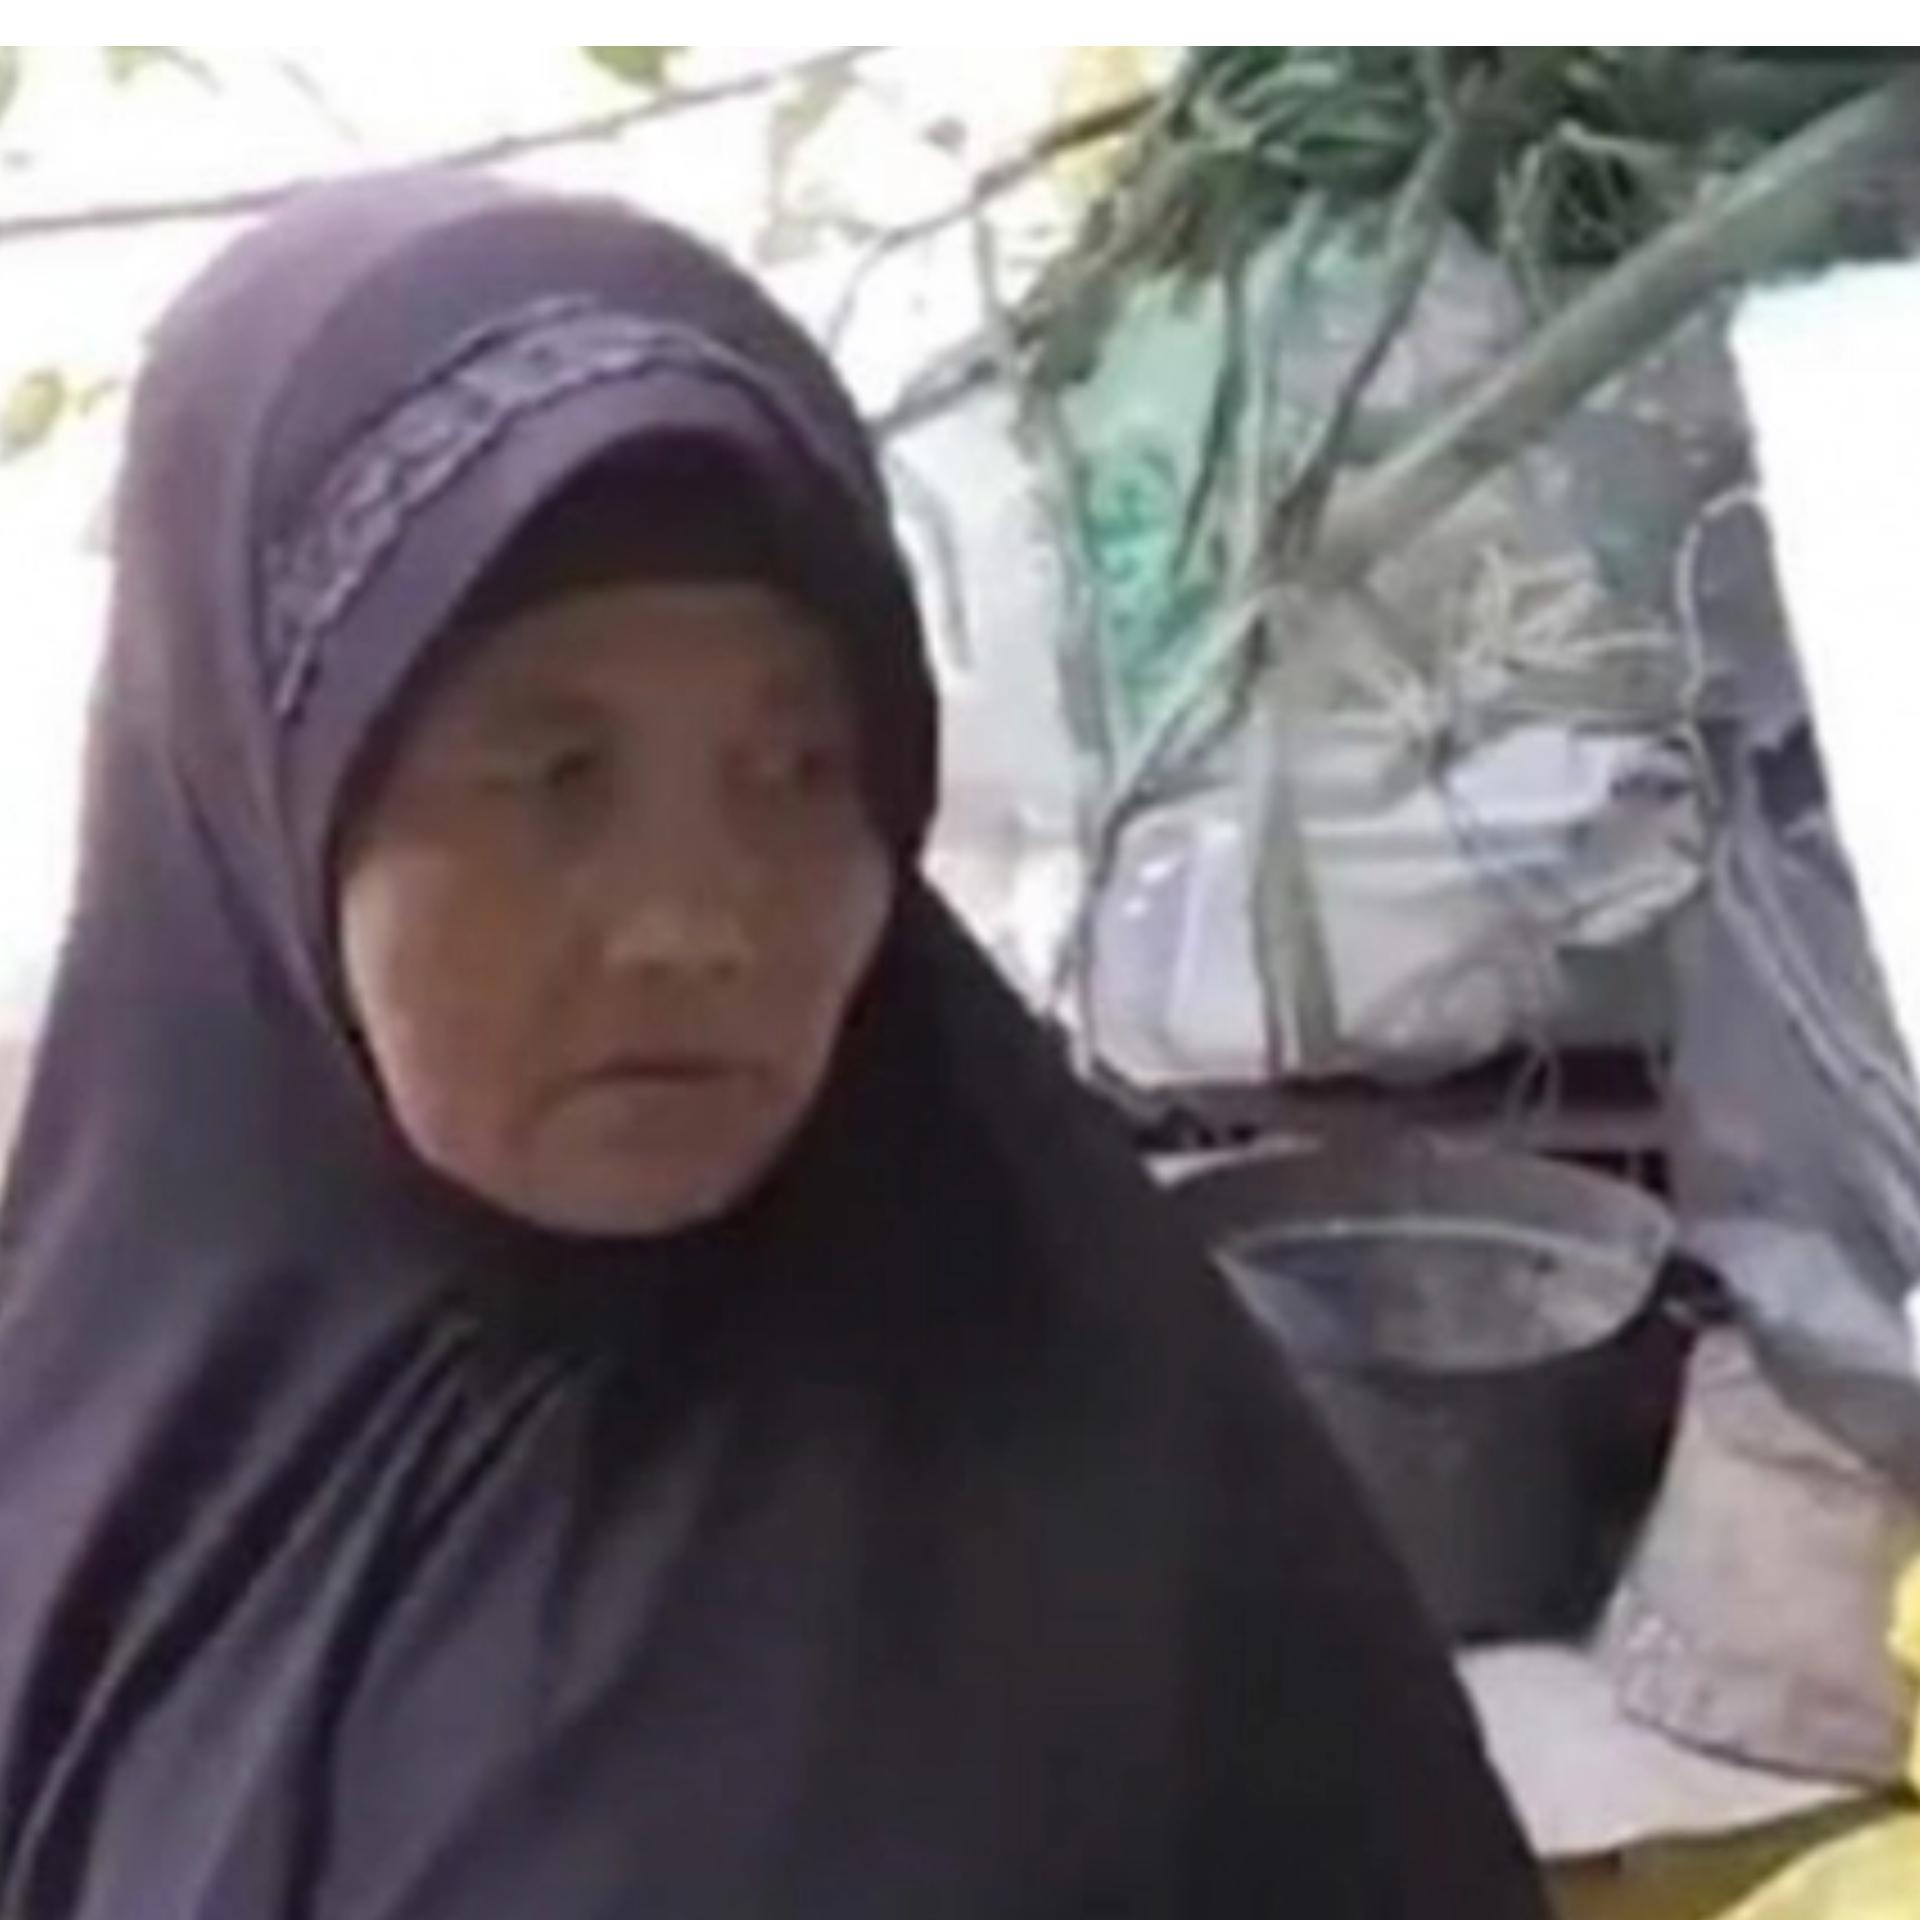 صورة عجوز اندونيسية تعمل في القمامة مدة 26 سنة  لتوفير مصاريف الحج !